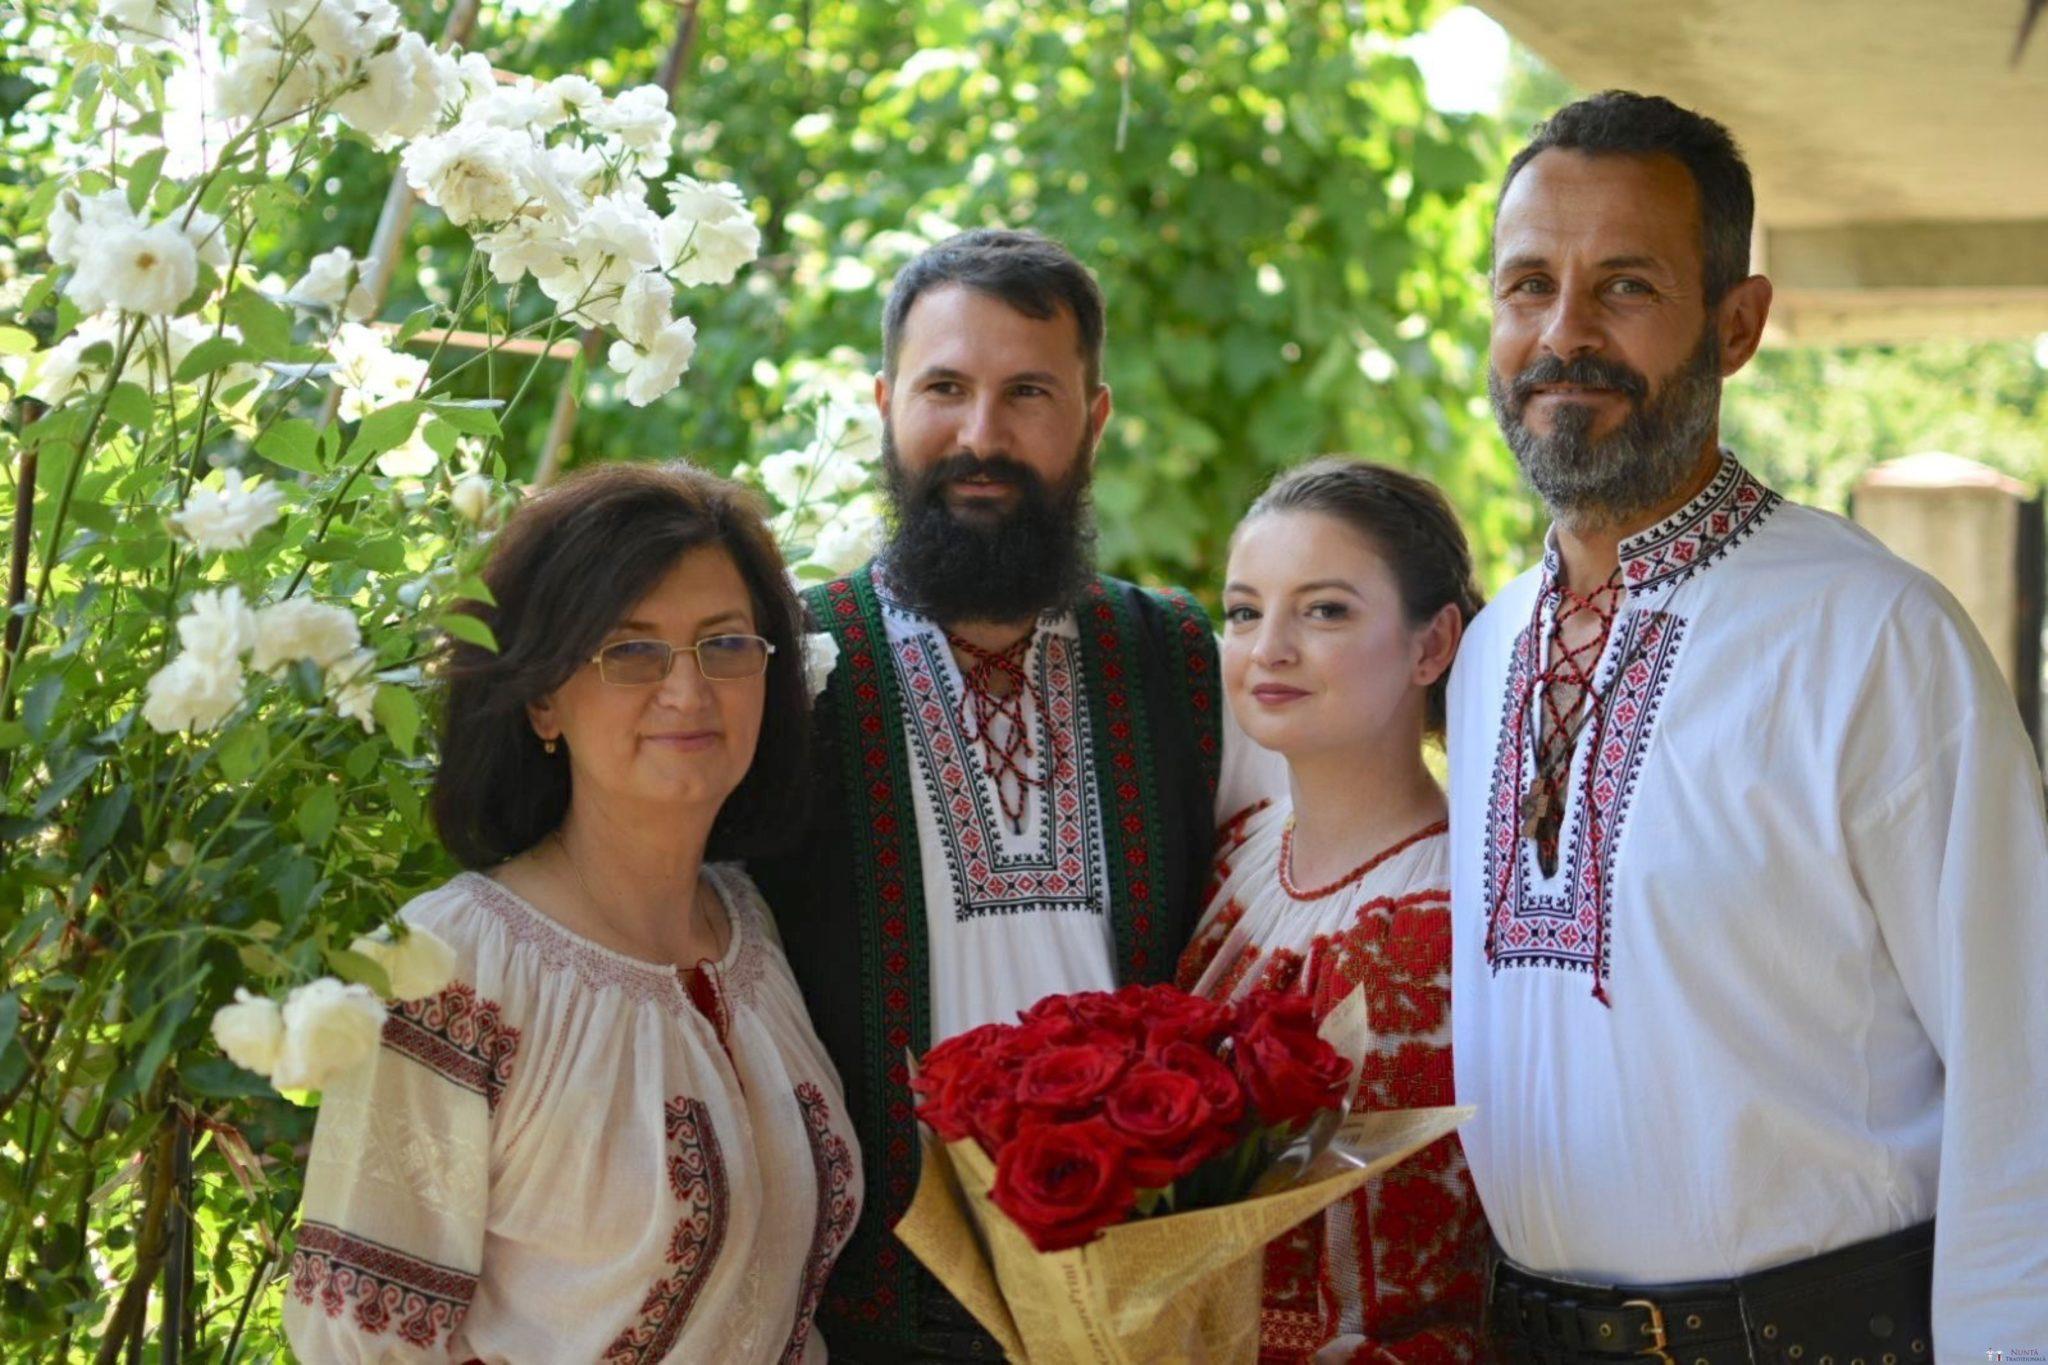 Povești Nunți Tradiționale - George Gabriel și Alexandra Buzatu, nuntă tradițională în Strejnicu, Prahova 7